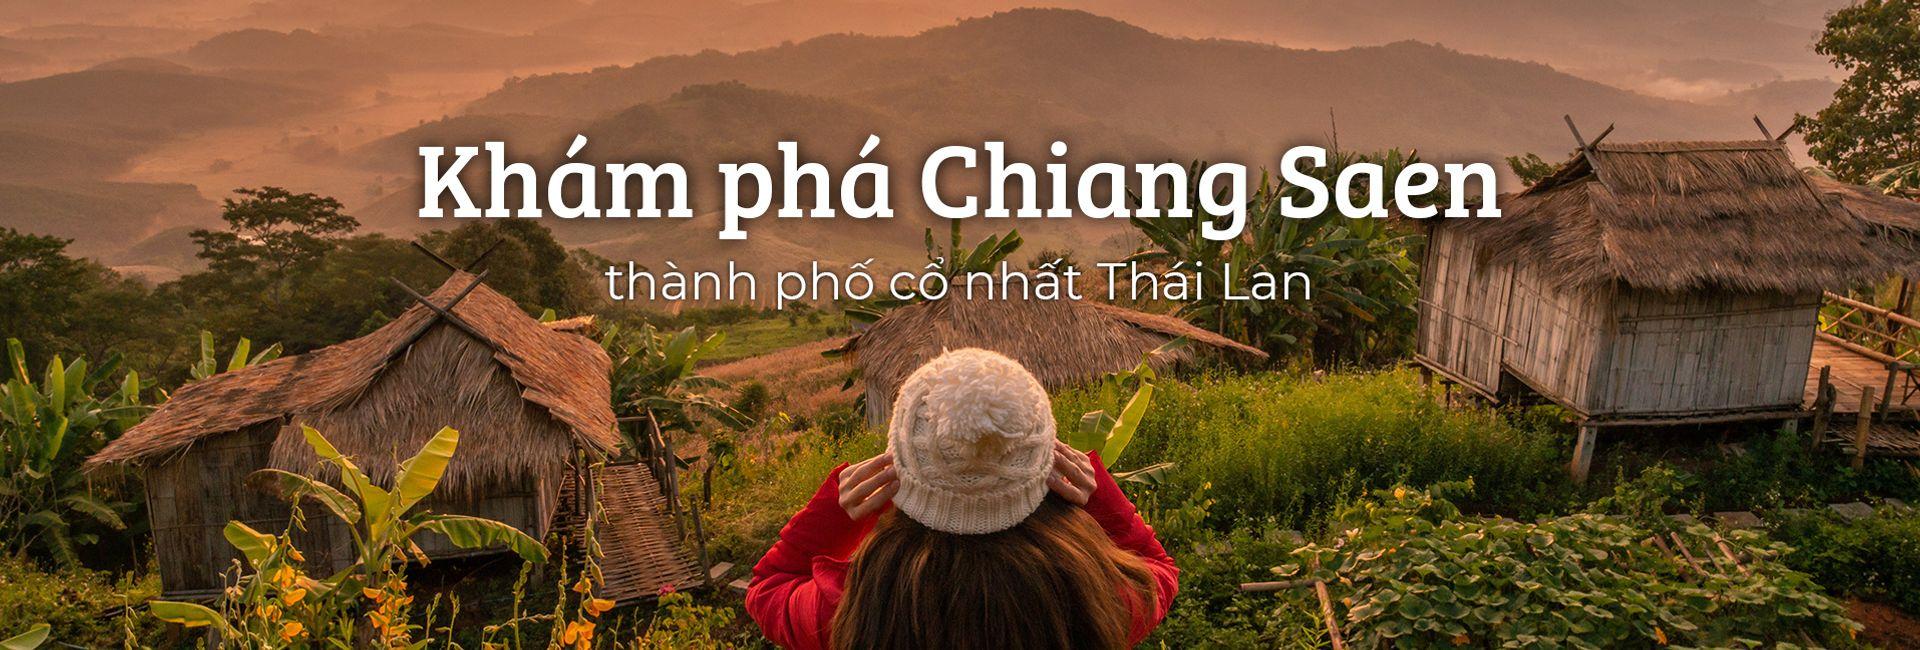 Khám phá Chiang Saen - thành phố cổ nhất Thái Lan